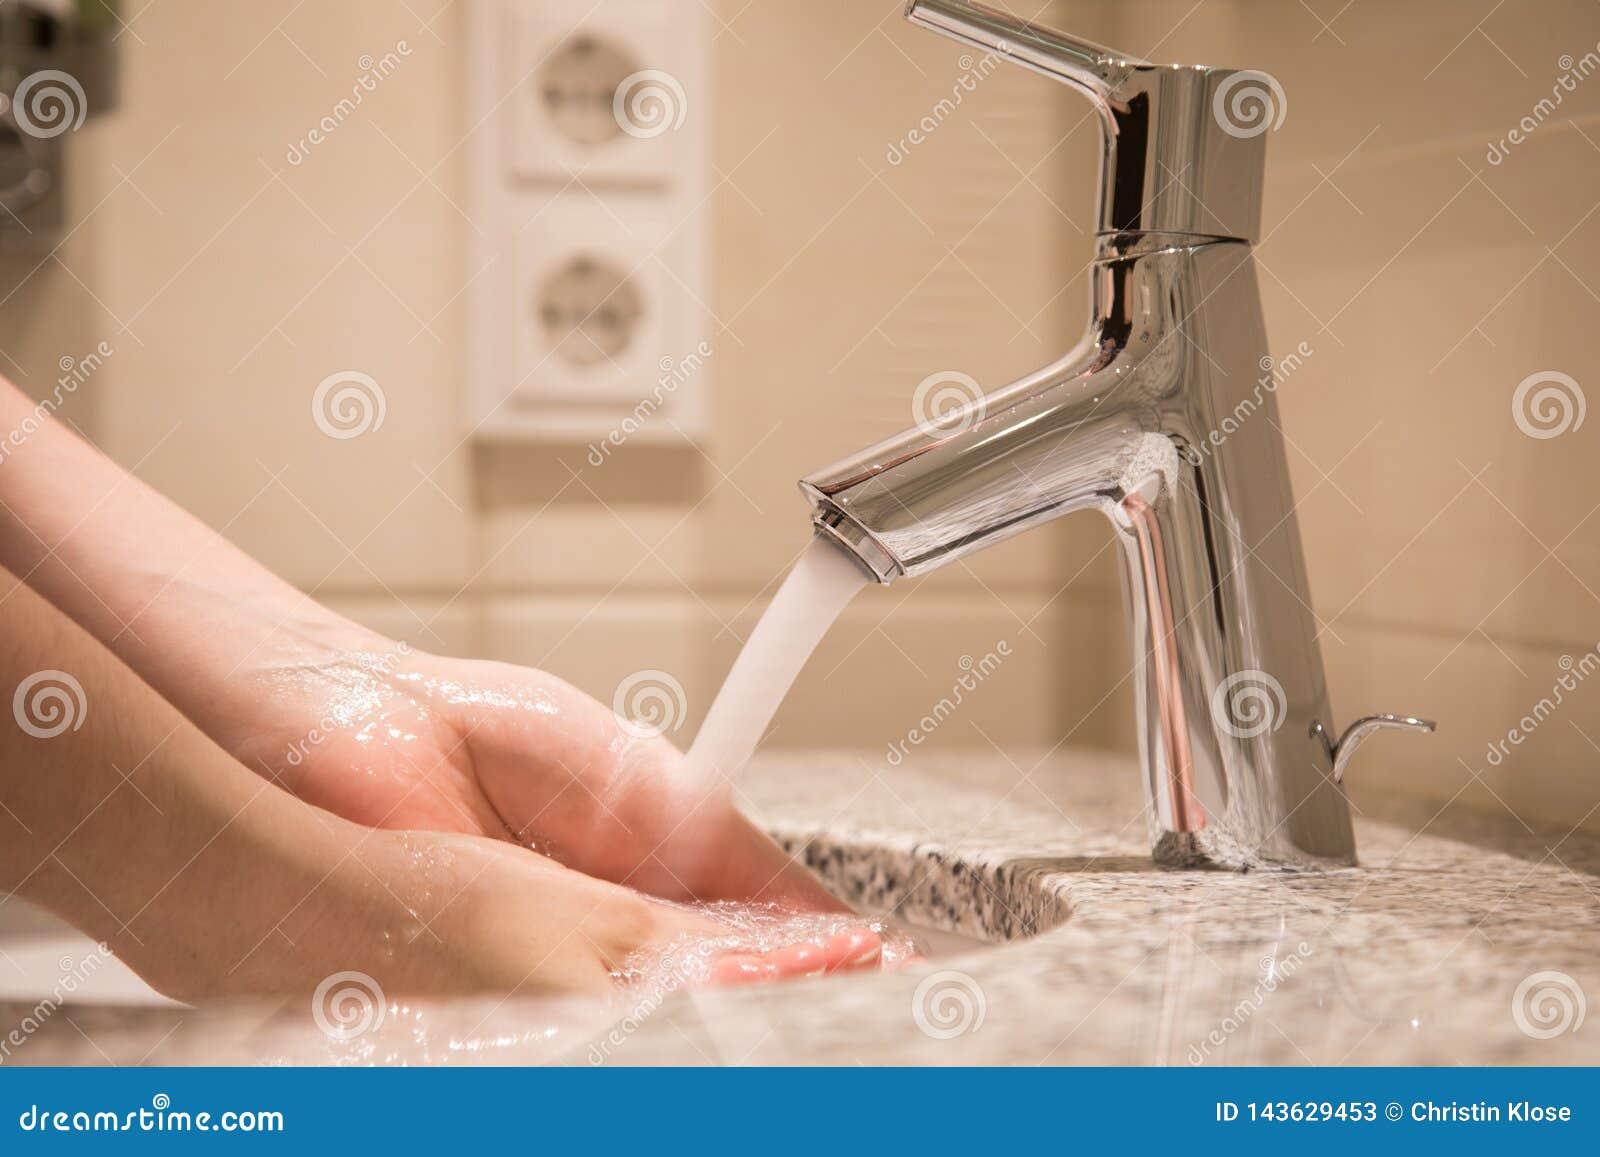 Lavabo Manos.Mujer Que Usa El Lavabo Con El Agua Del Grifo Para Las Manos